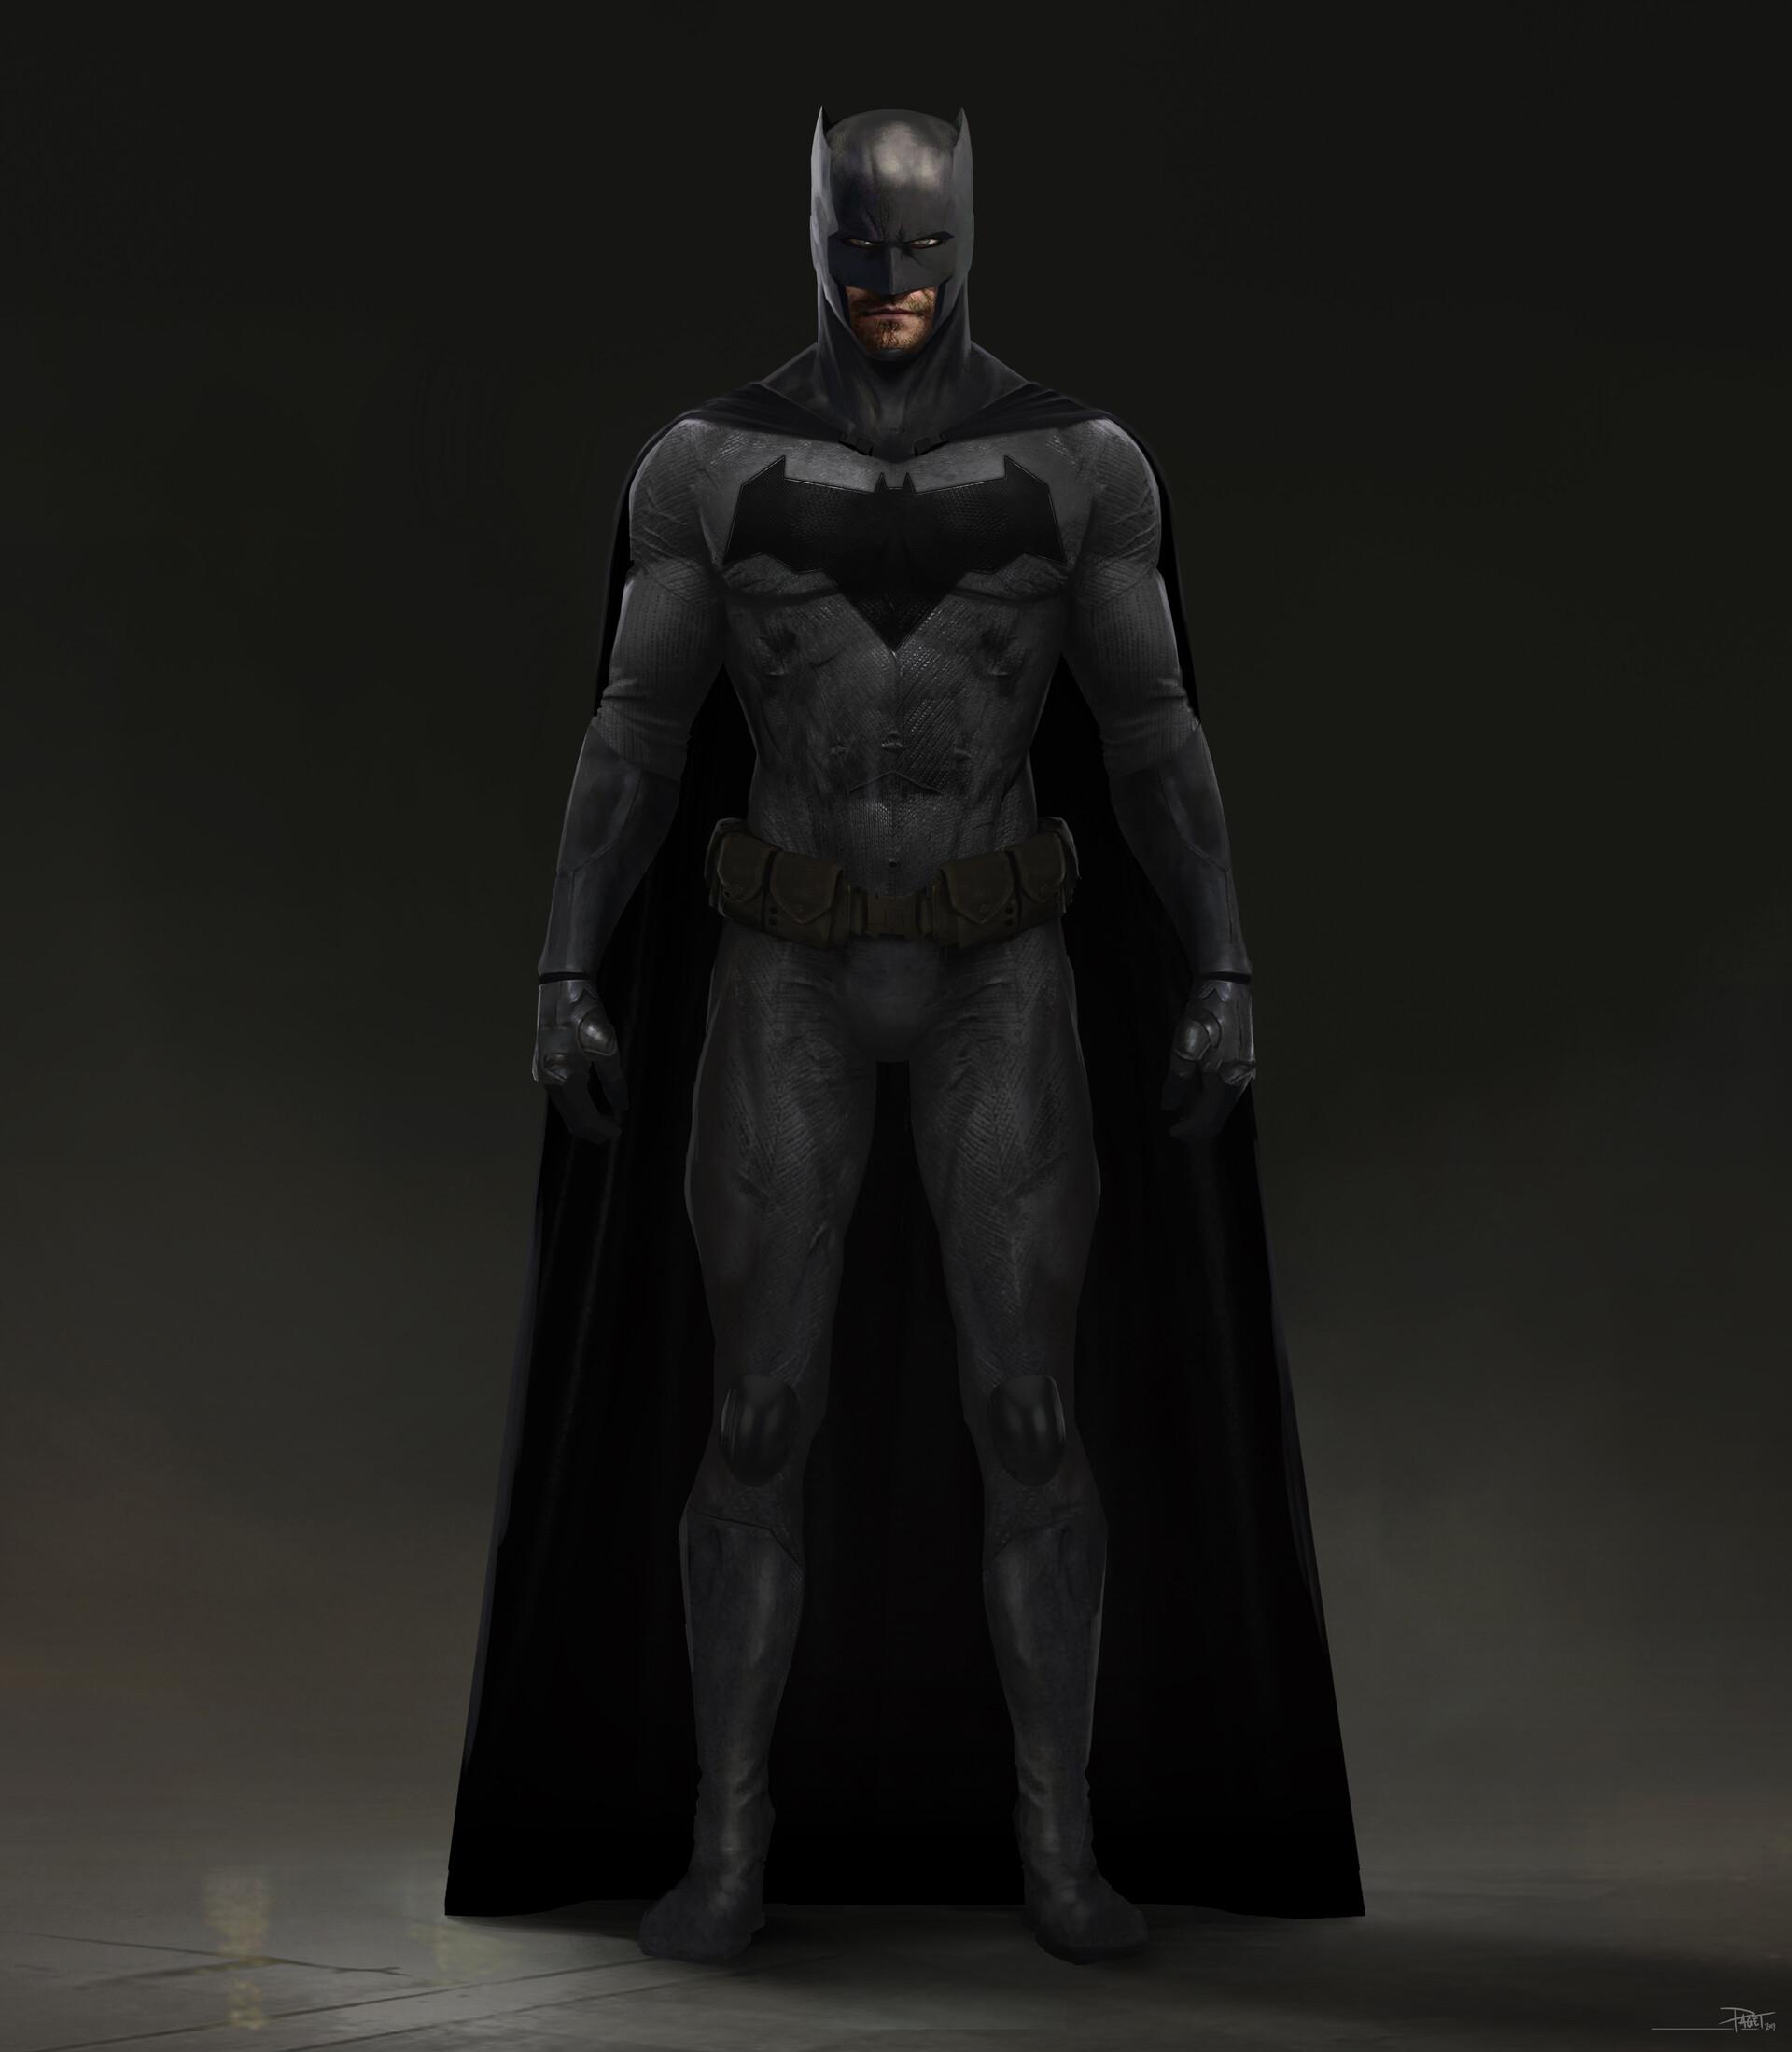 David paget batman open cape